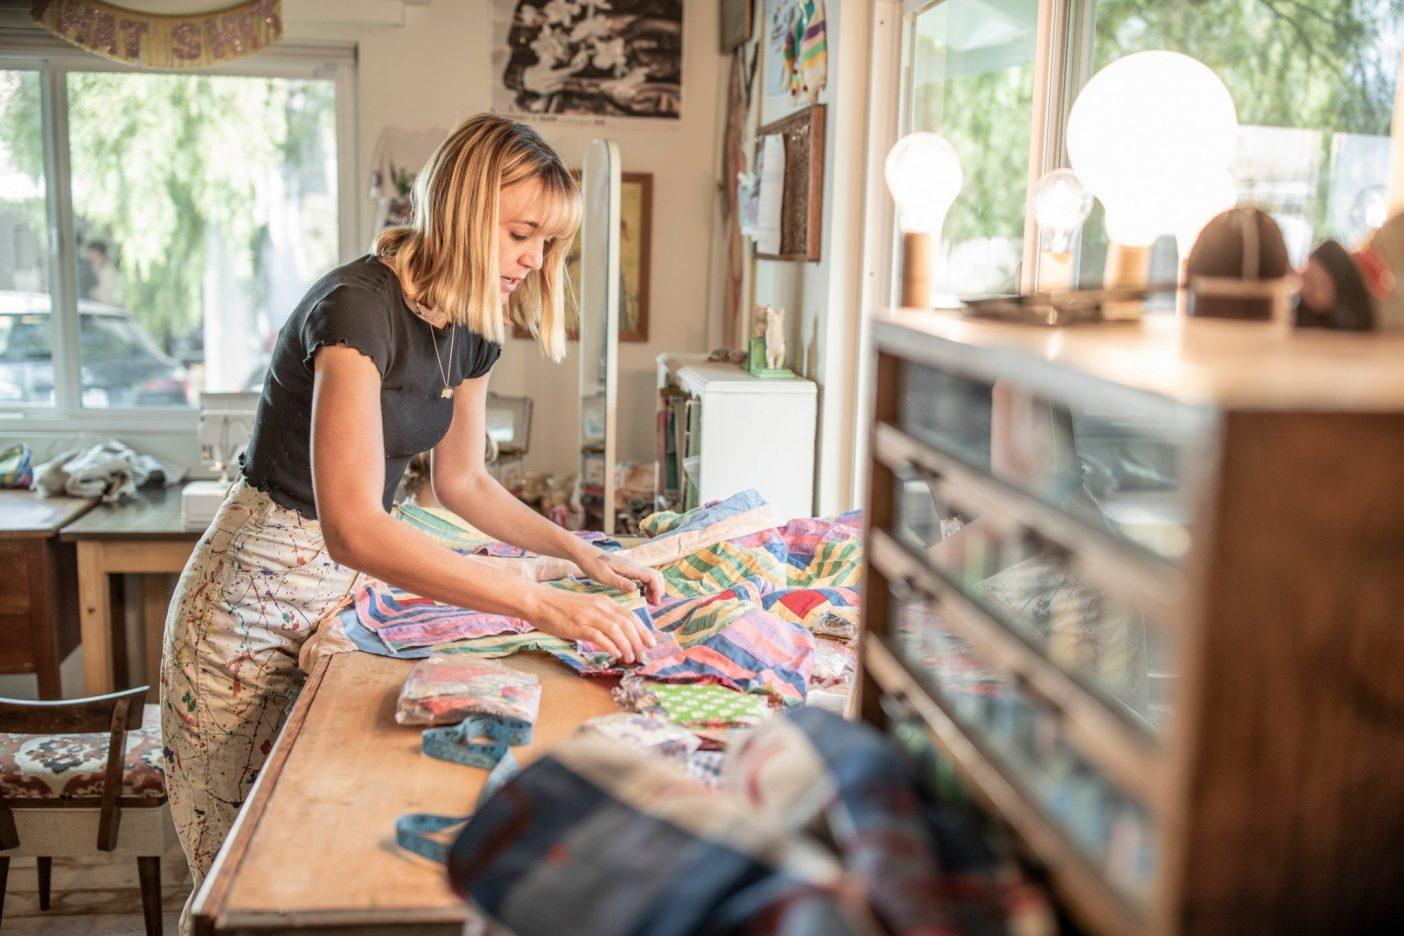 コートニーには、誰かが捨てたものを美しくて便利なものに変える才能がある。だからこそ彼女の作品は独創的であり、あっという間に売り切れる。Photo: Tim Davis